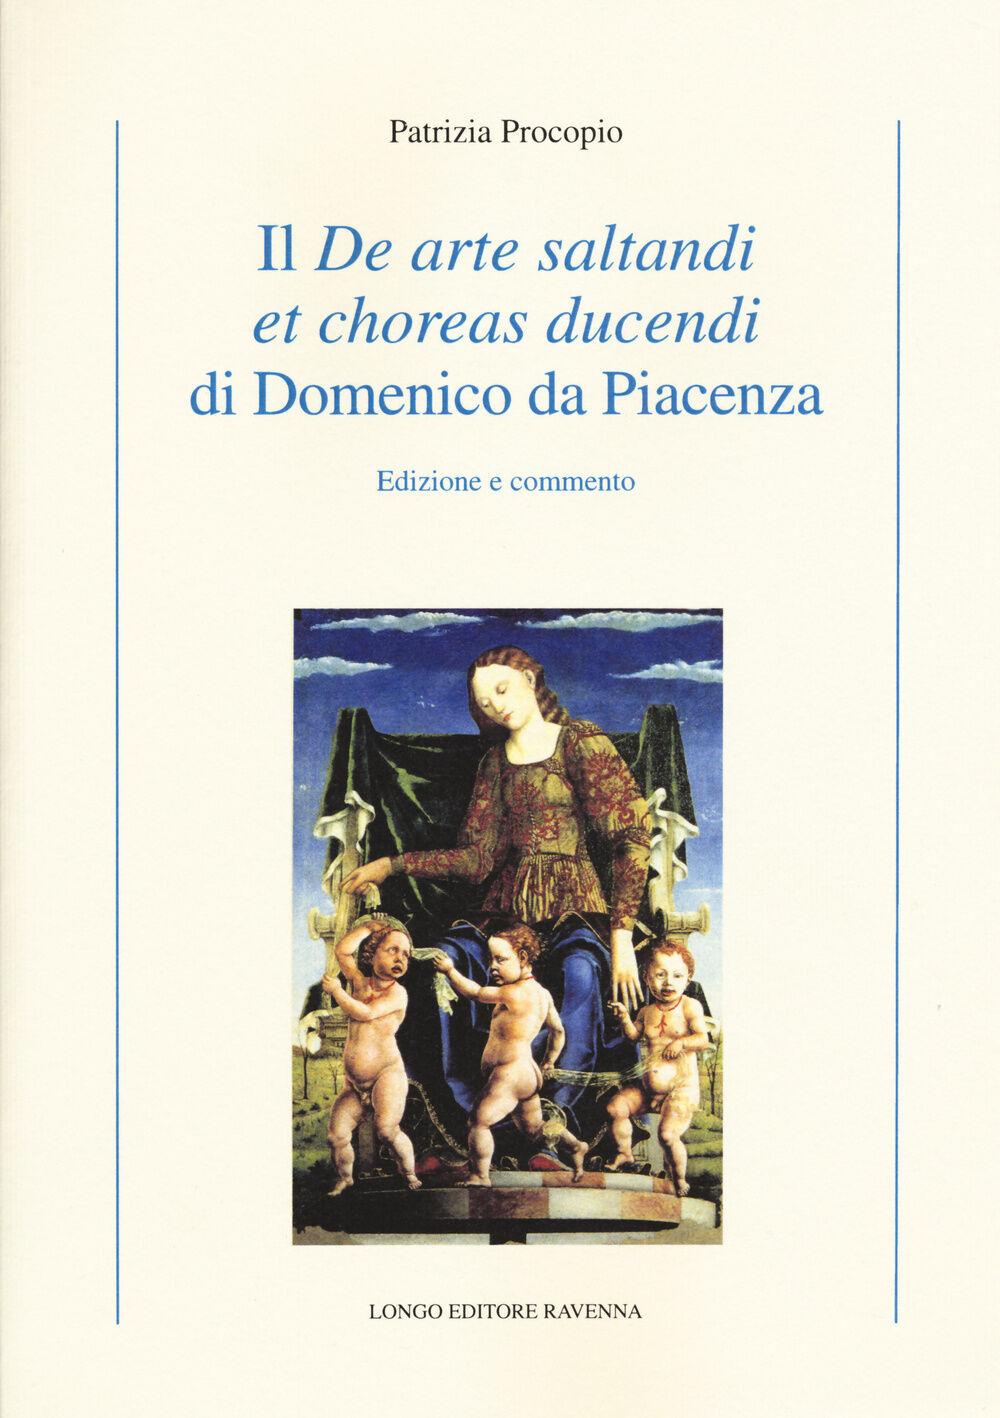 Il «De arte saltandi et choreas ducendi» di Domenico da Piacenza. Edizione e commento